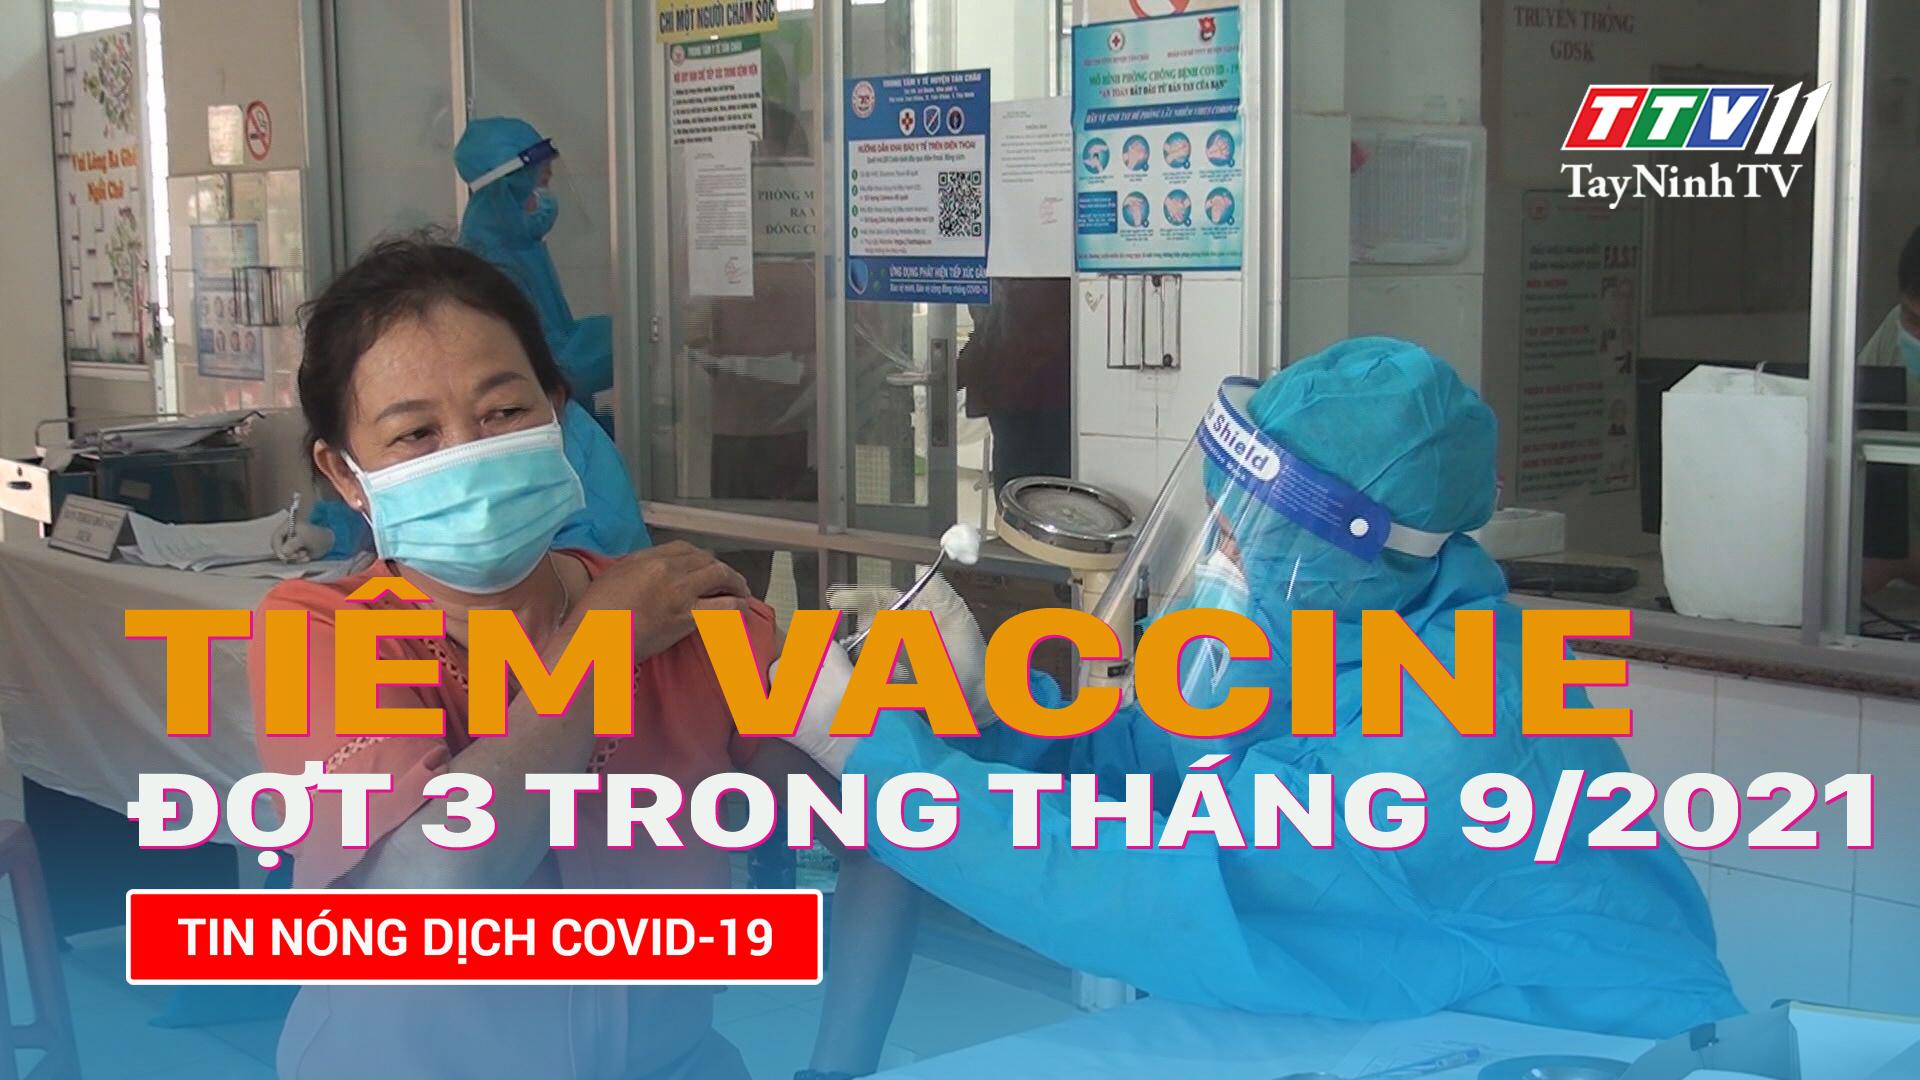 Triển khai tiêm chủng vaccine đợt 3 trong tháng 9/2021 | TayNinhTV